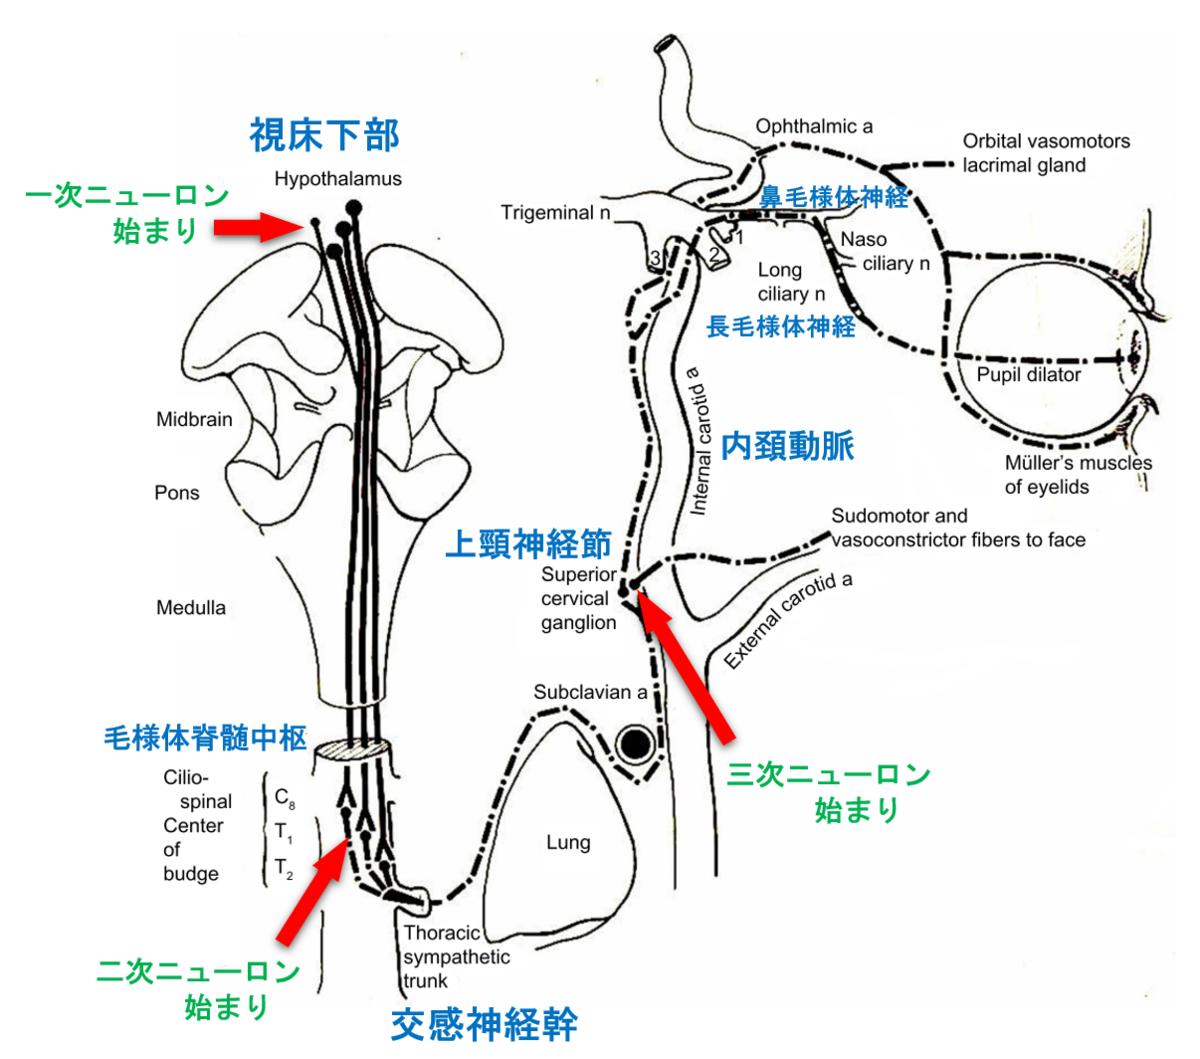 f:id:yukimukae:20190730220331p:plain